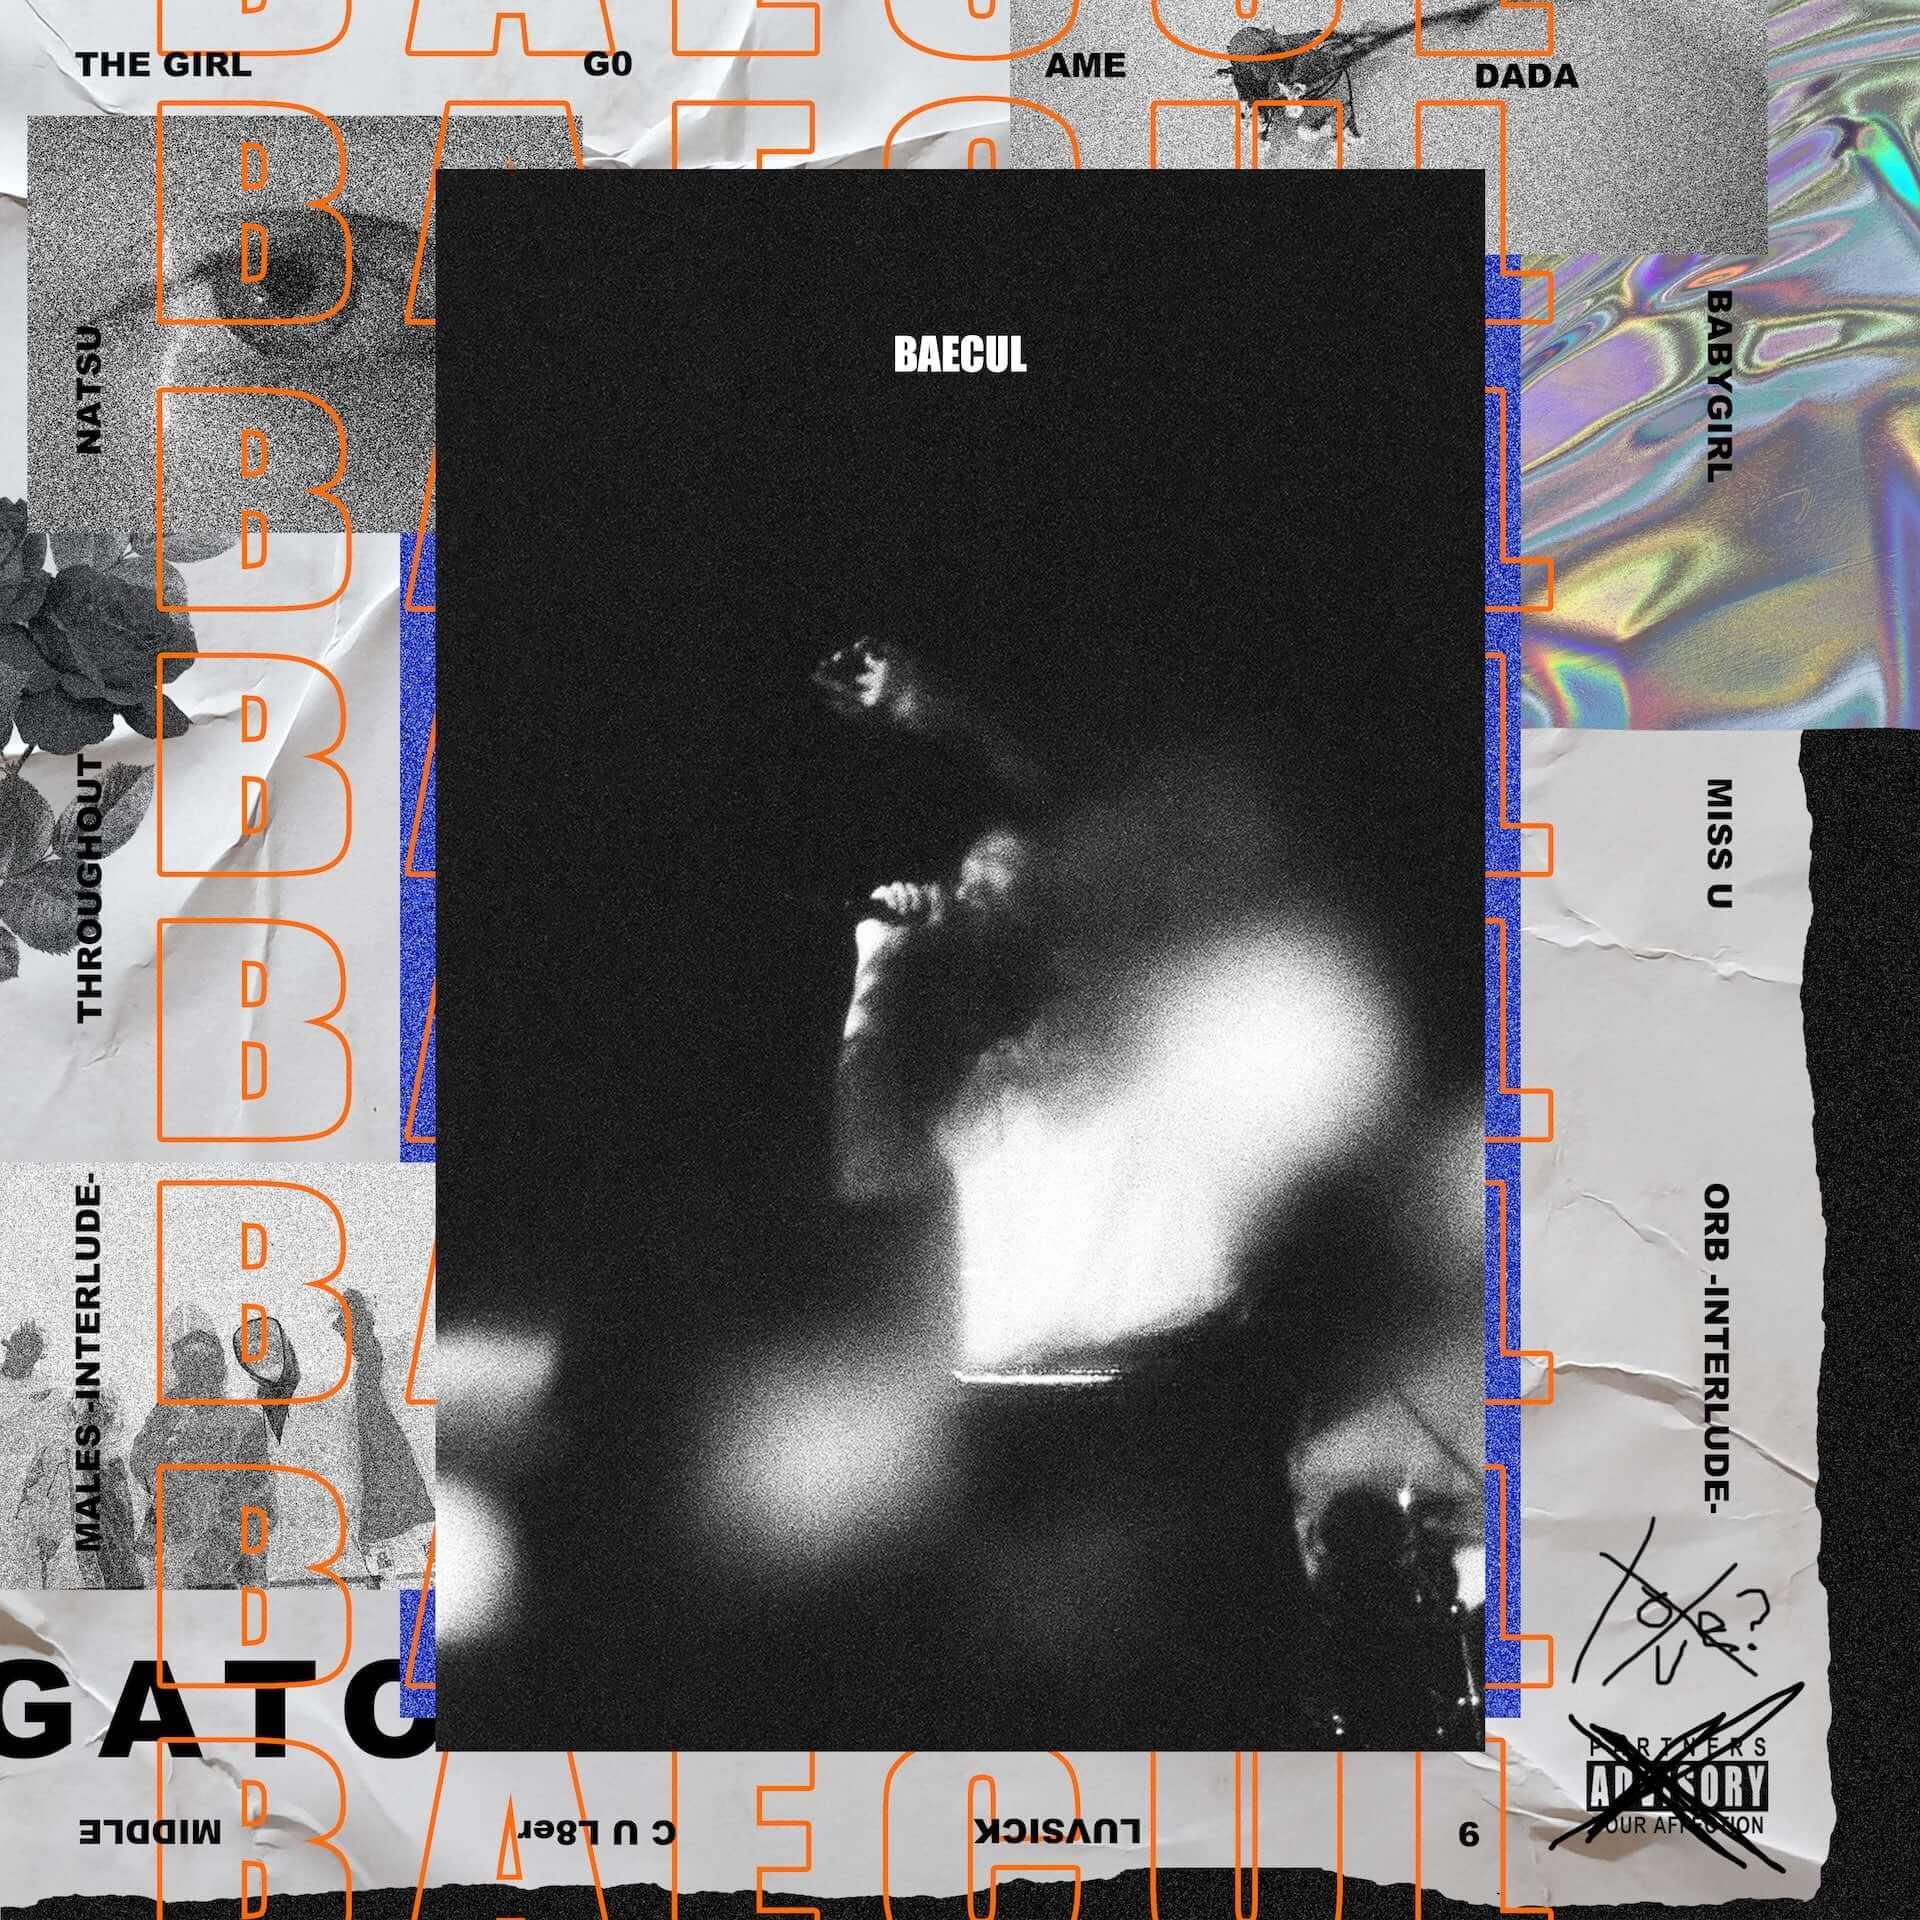 gatoの1stアルバム『BAECUL』リリースパーティーが渋谷WWWより生配信決定!ゲストにはNo Busesが登場 musiv201124_gato_2-1920x1920